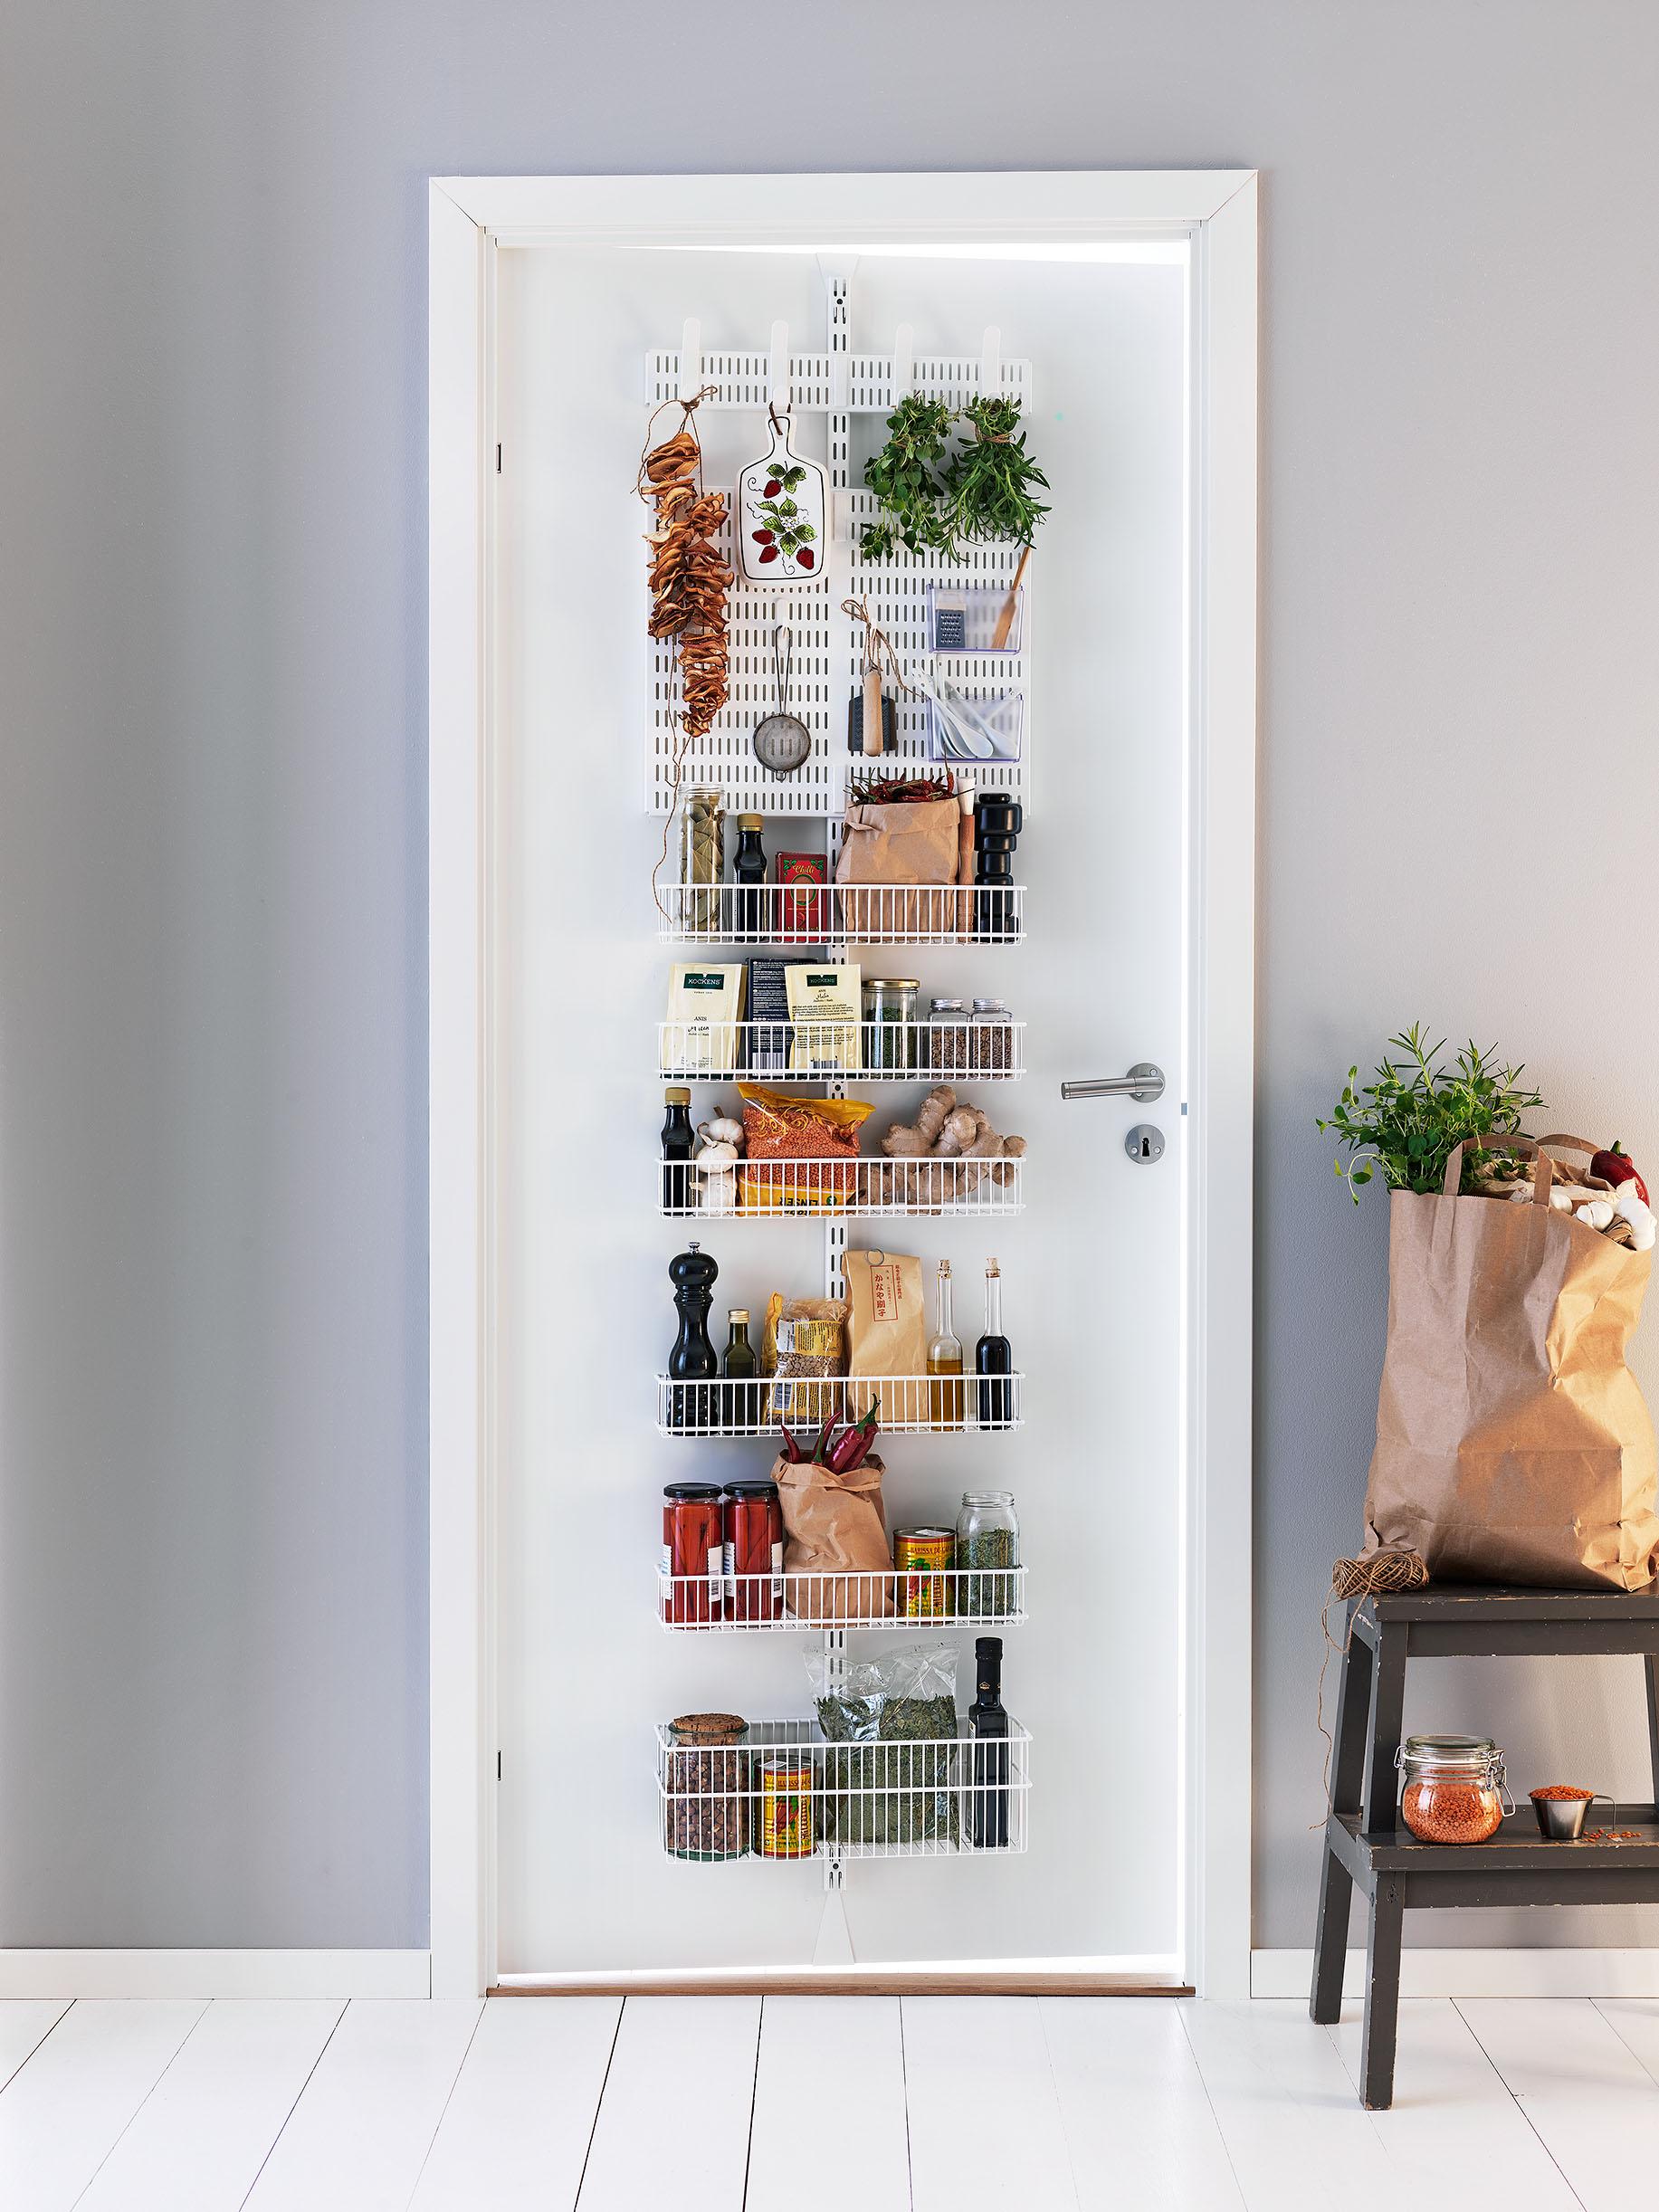 6 cocina y despensa elfa utility door and wall rack - Armario despensa cocina ...